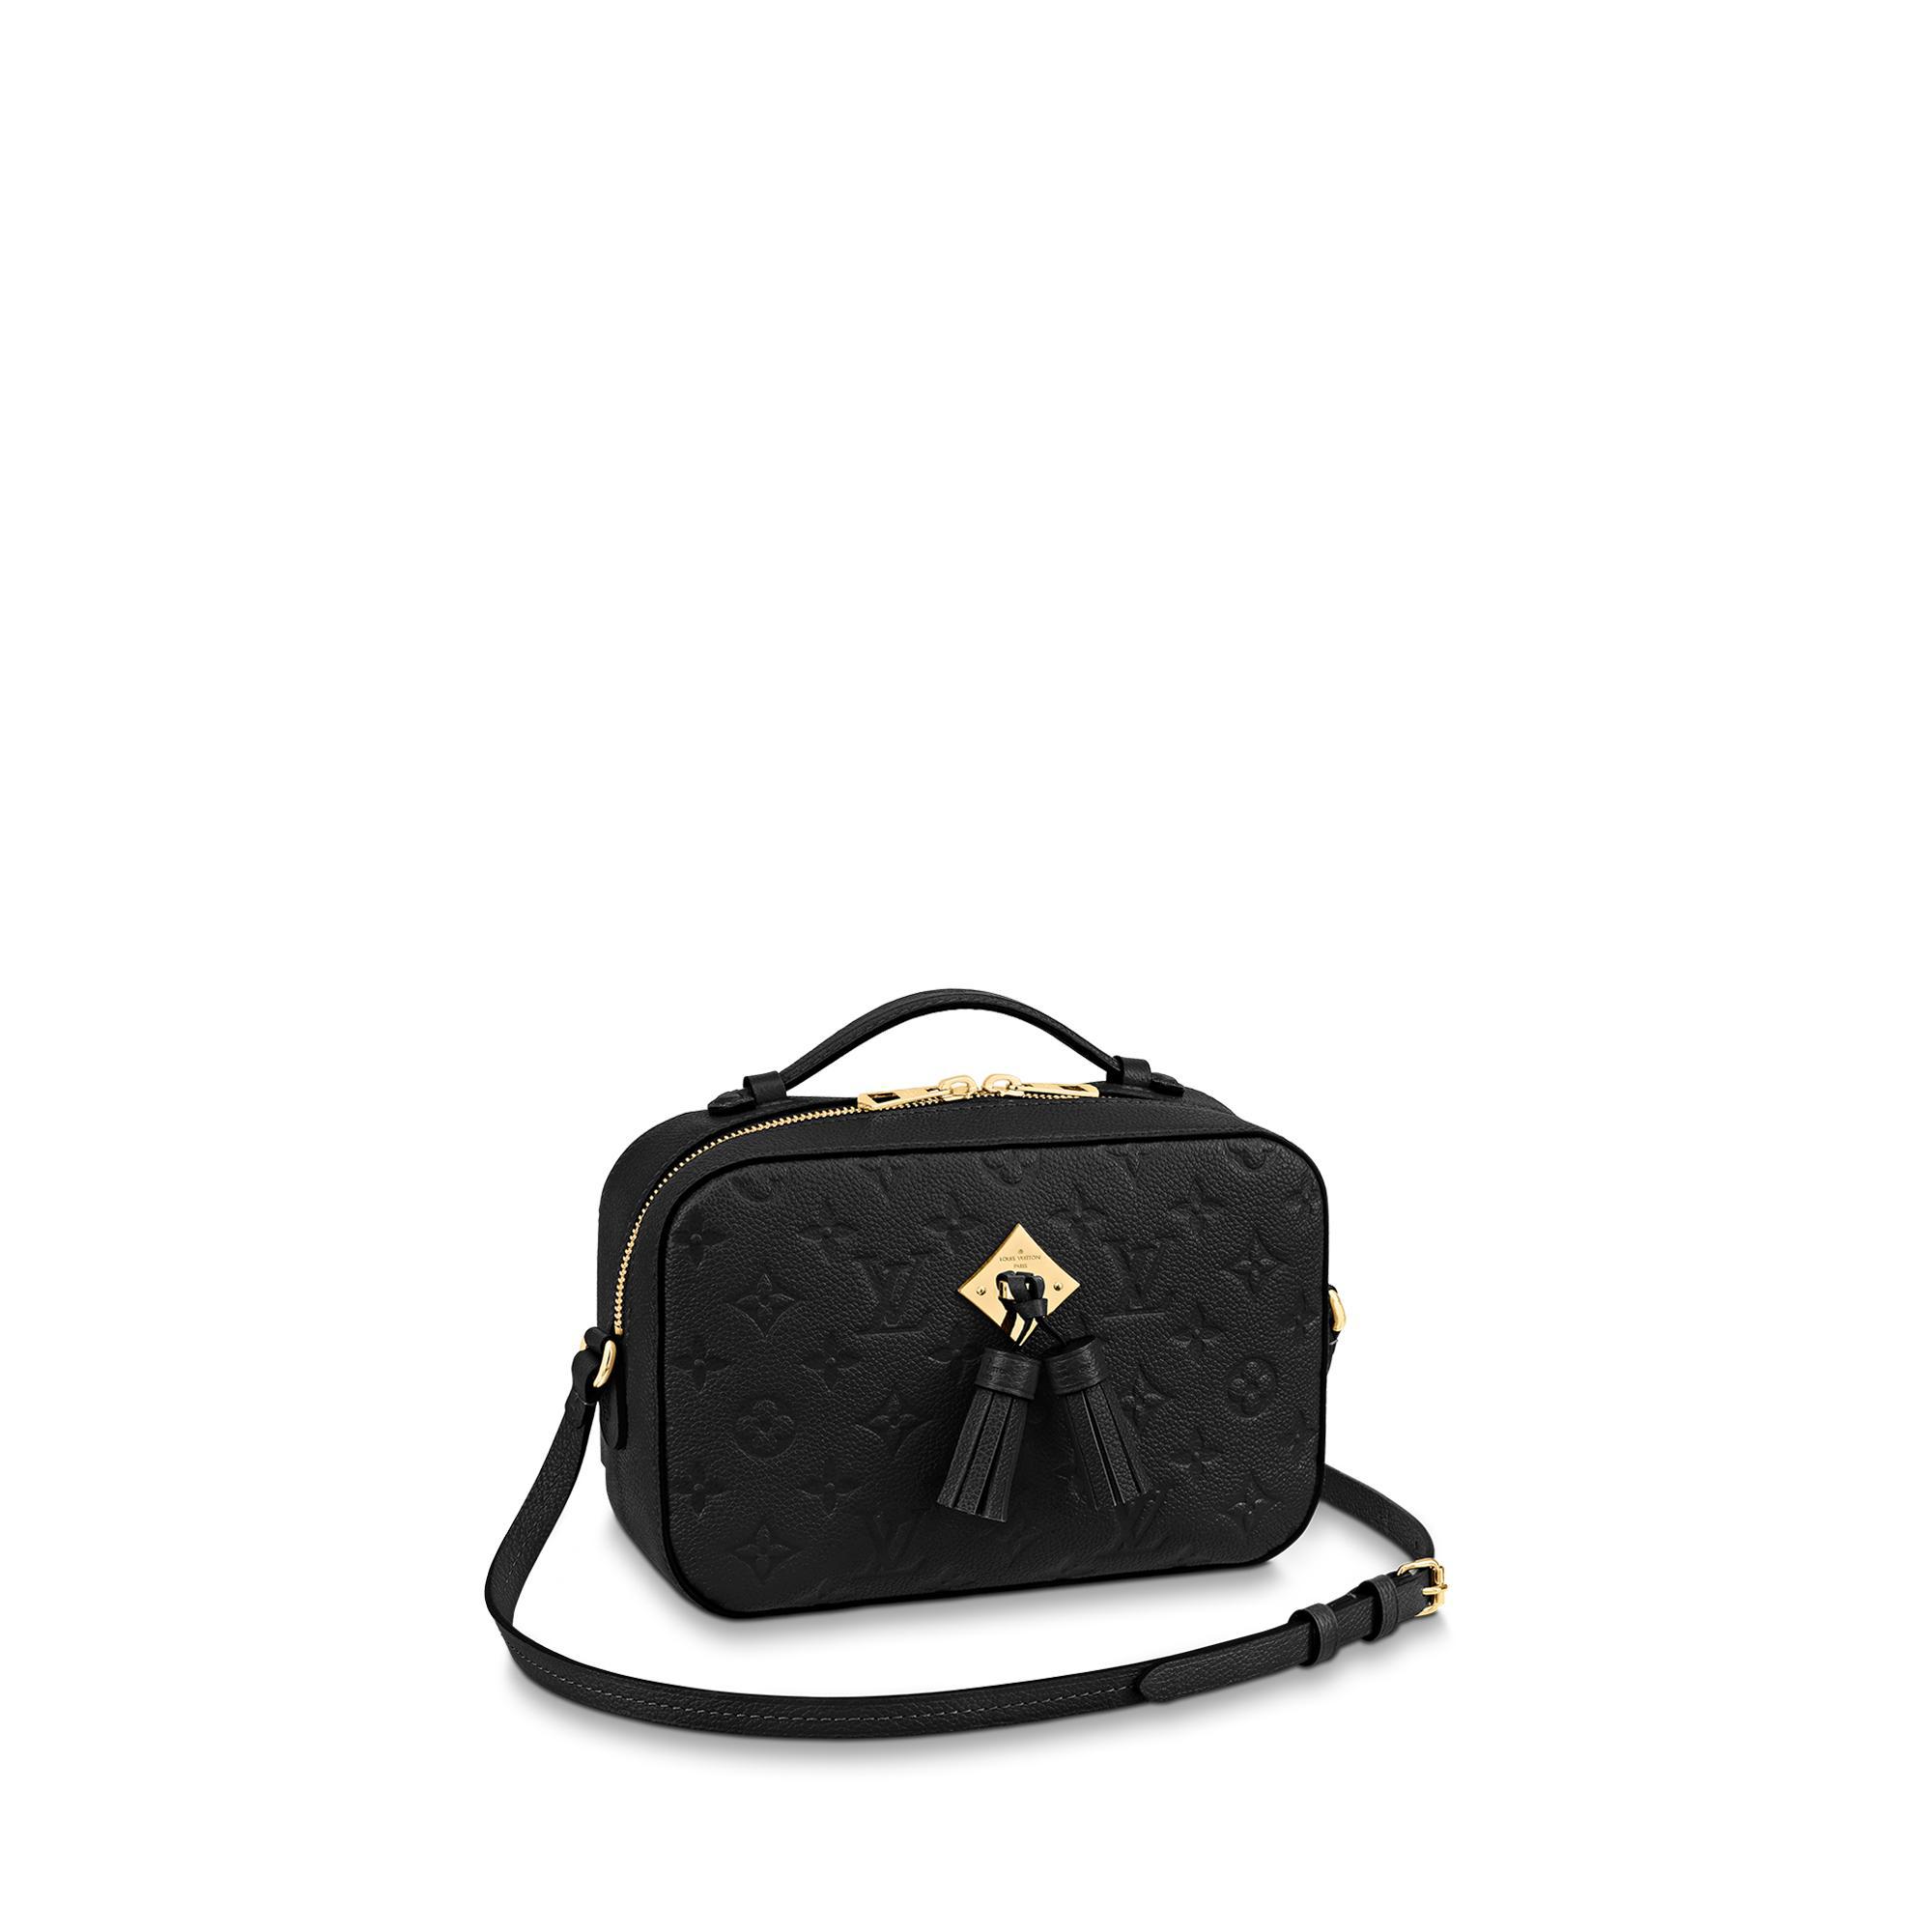 Louis Vuitton Saintonge In Noir